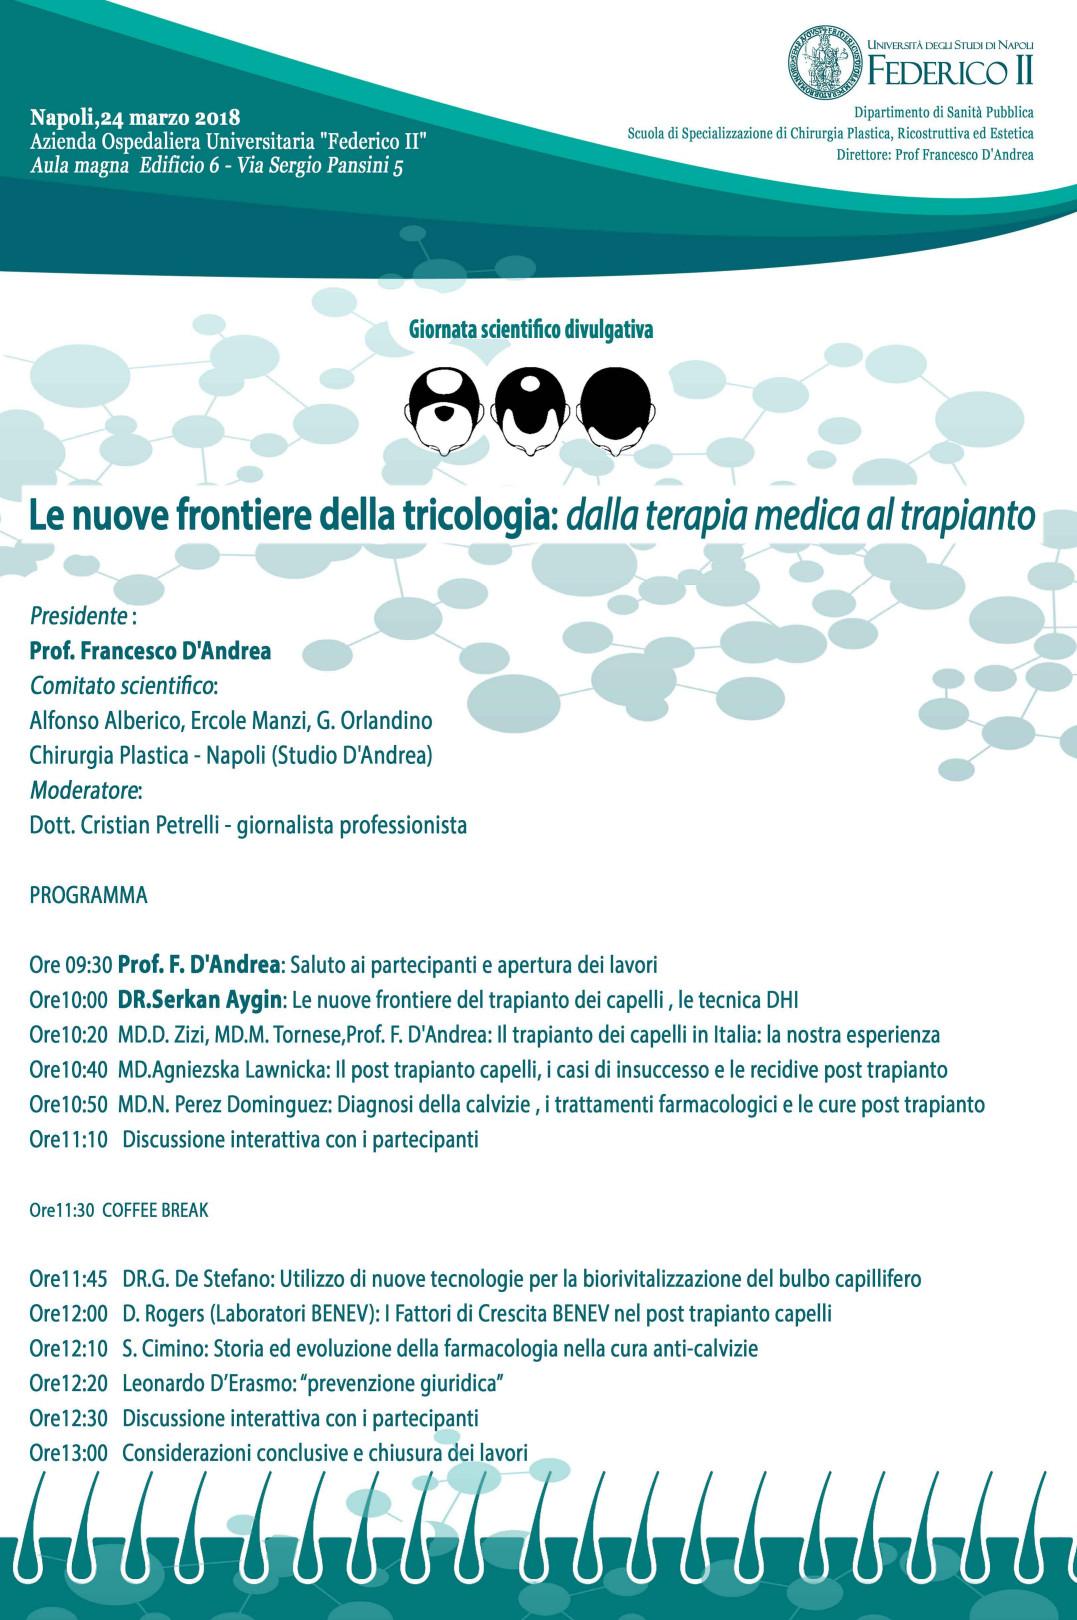 conferenza Napoli 2018